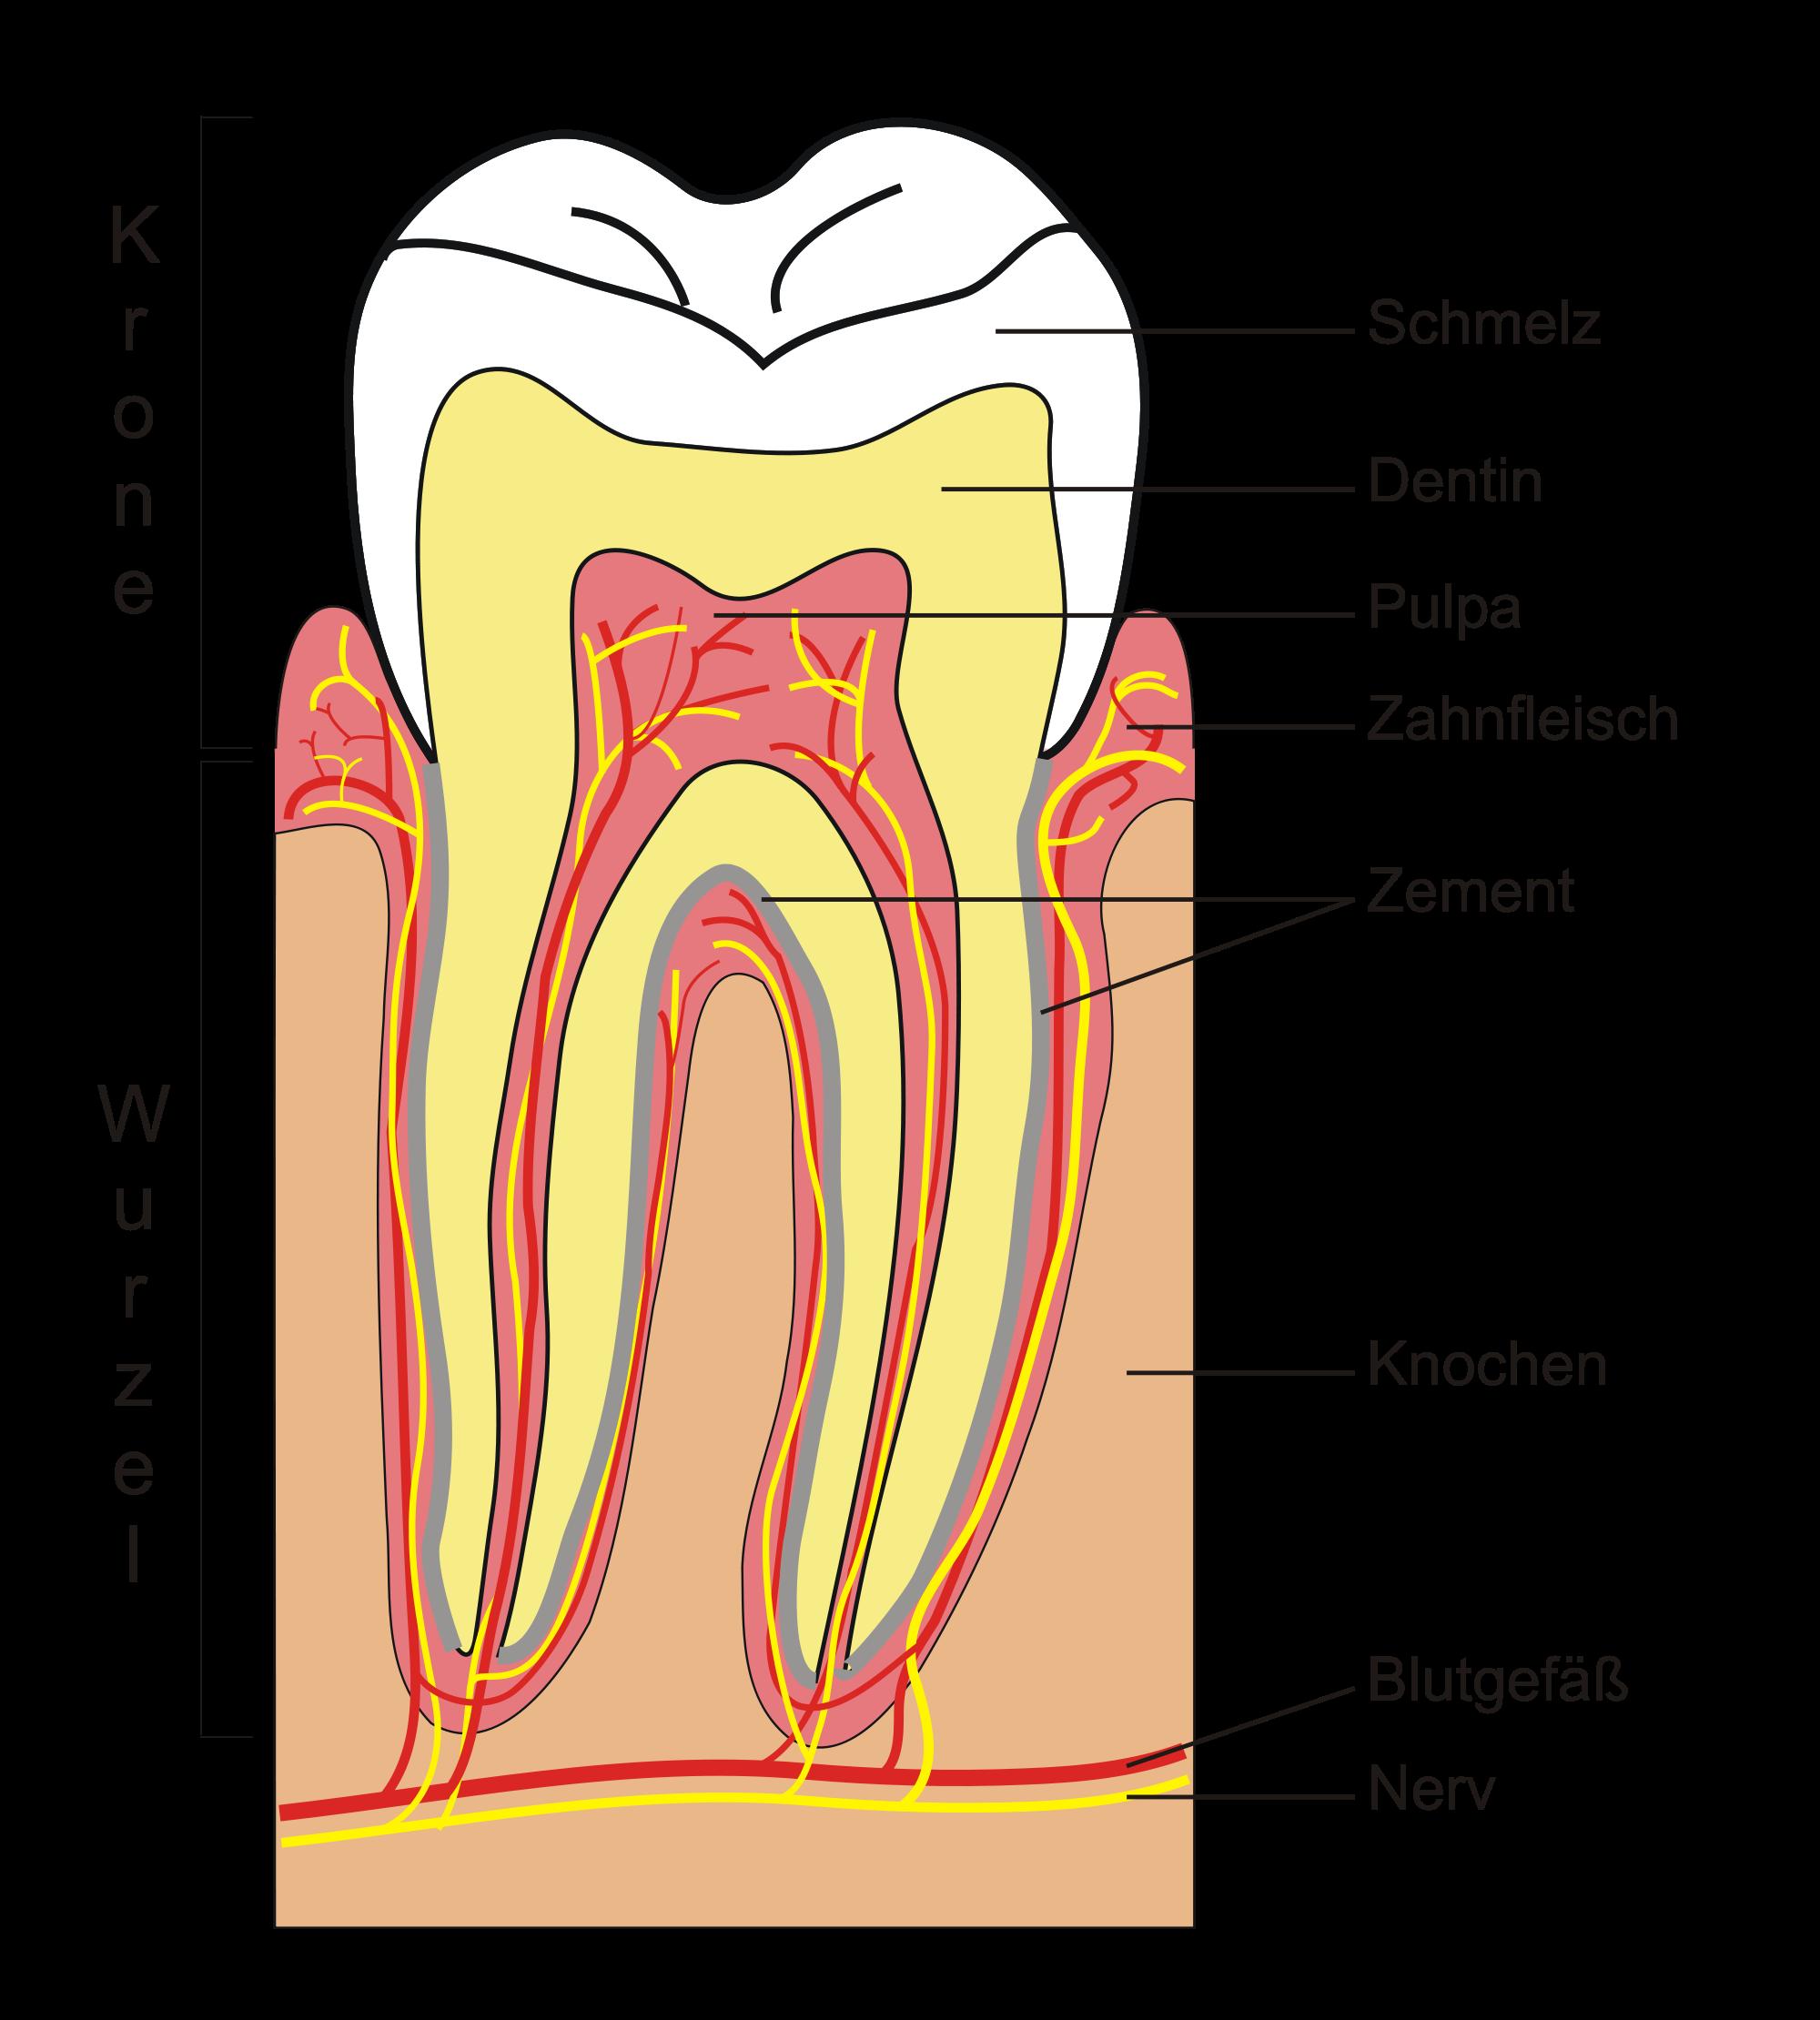 Tolle Menschlicher Zahn Bilder - Menschliche Anatomie Bilder ...